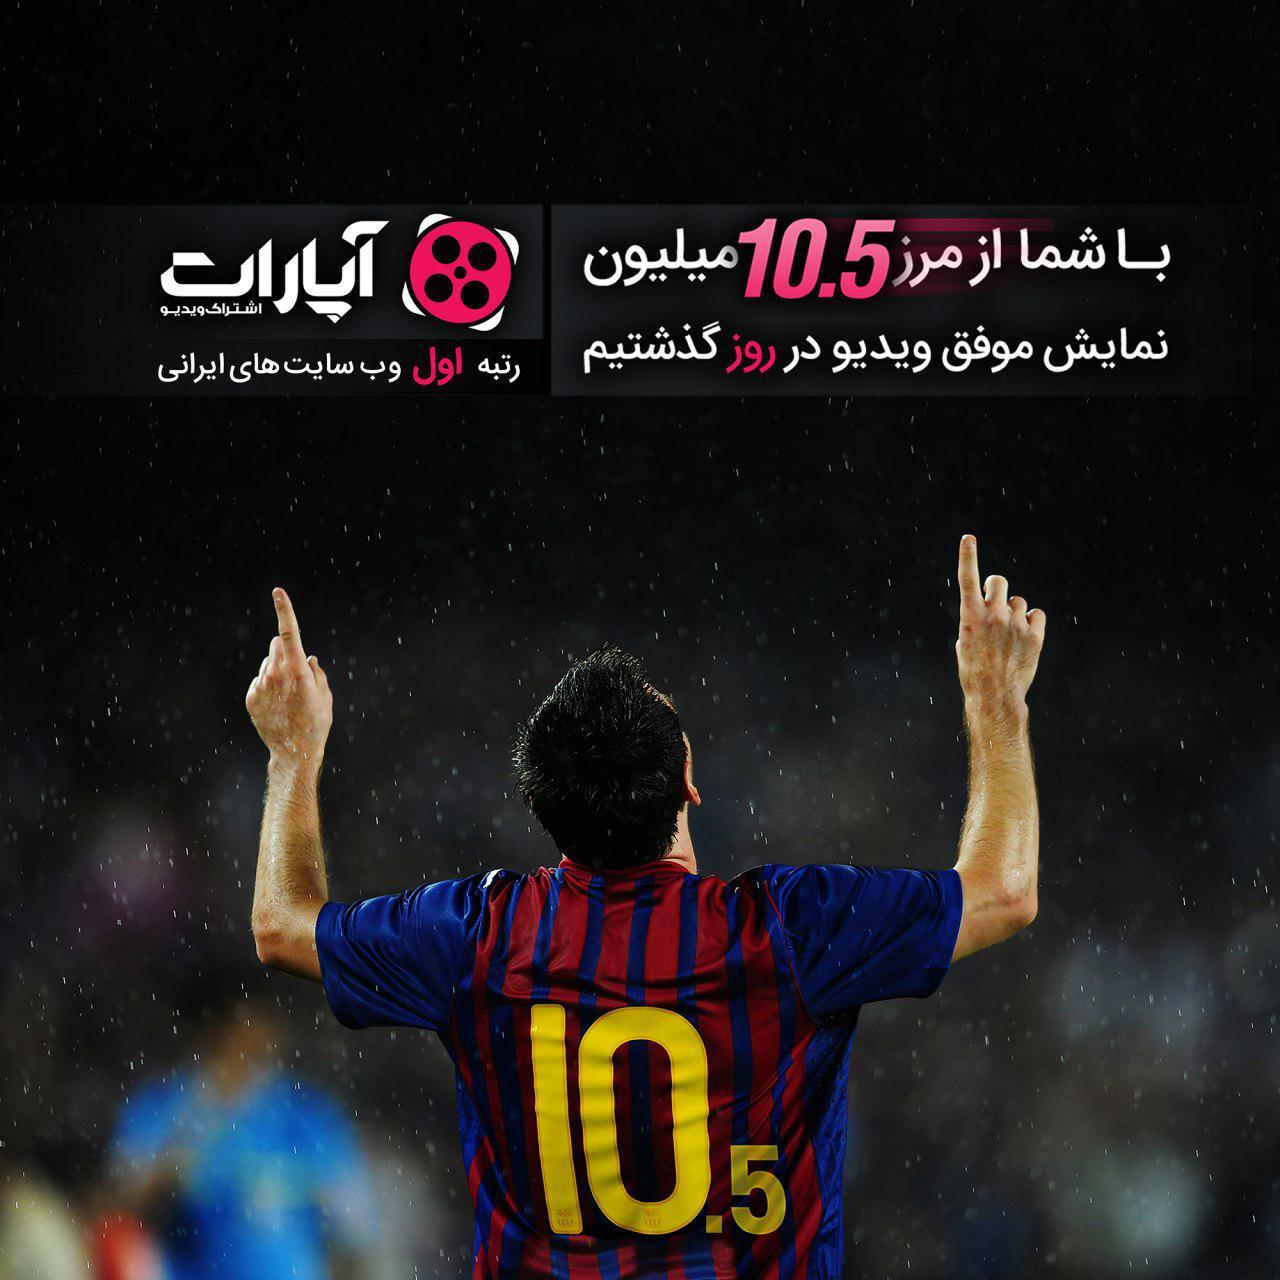 آپارات، پر بازدیدترین سایت ایرانی با بیش از 10.5 میلیون نمایش موفق ویدیو در روز!